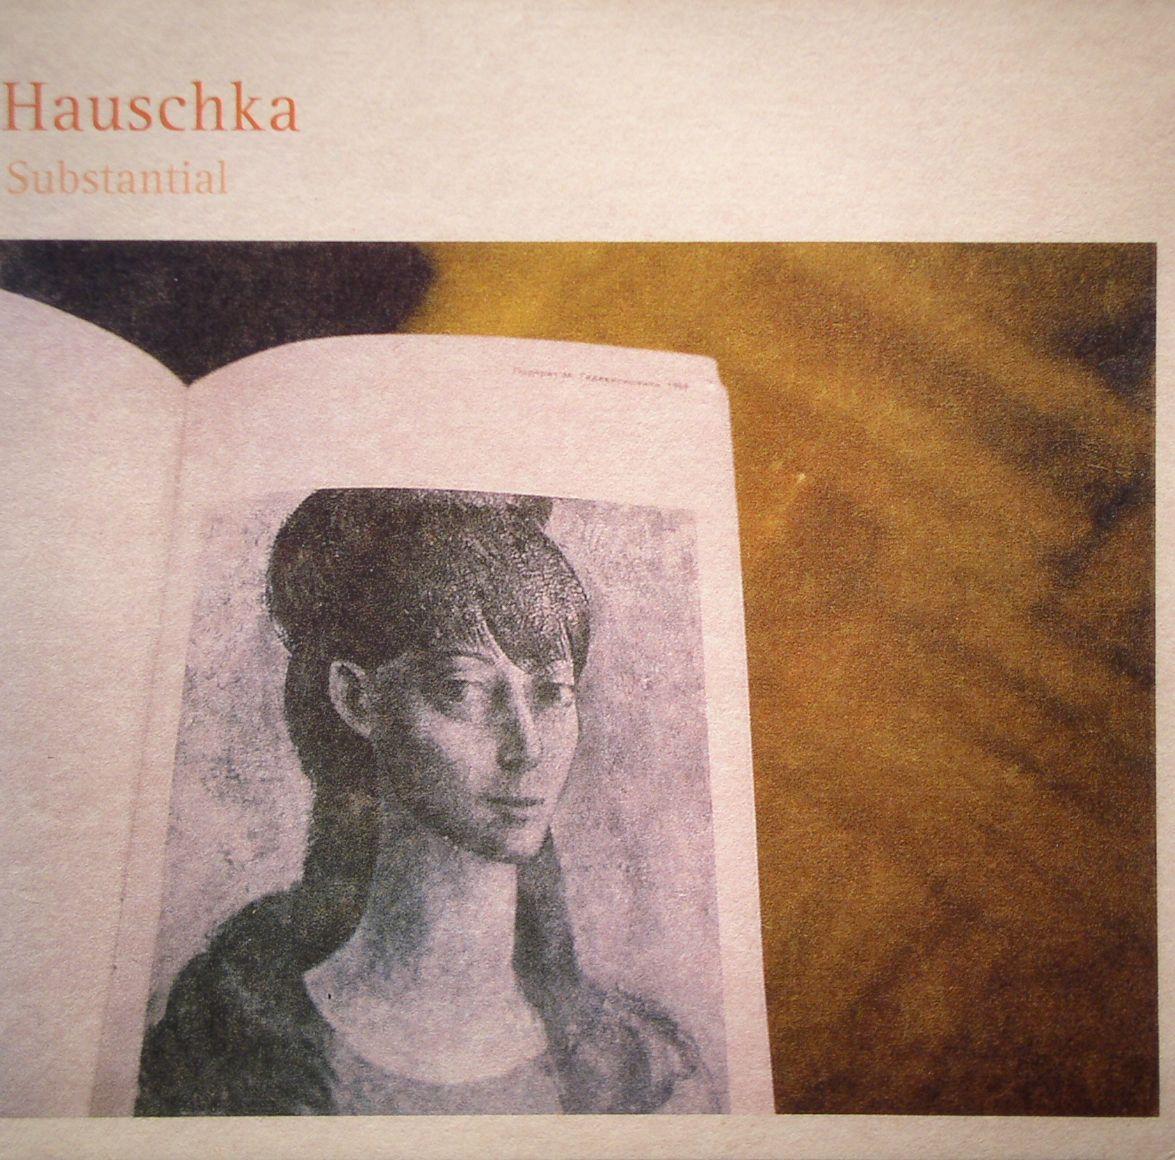 HAUSCHKA - Substantial